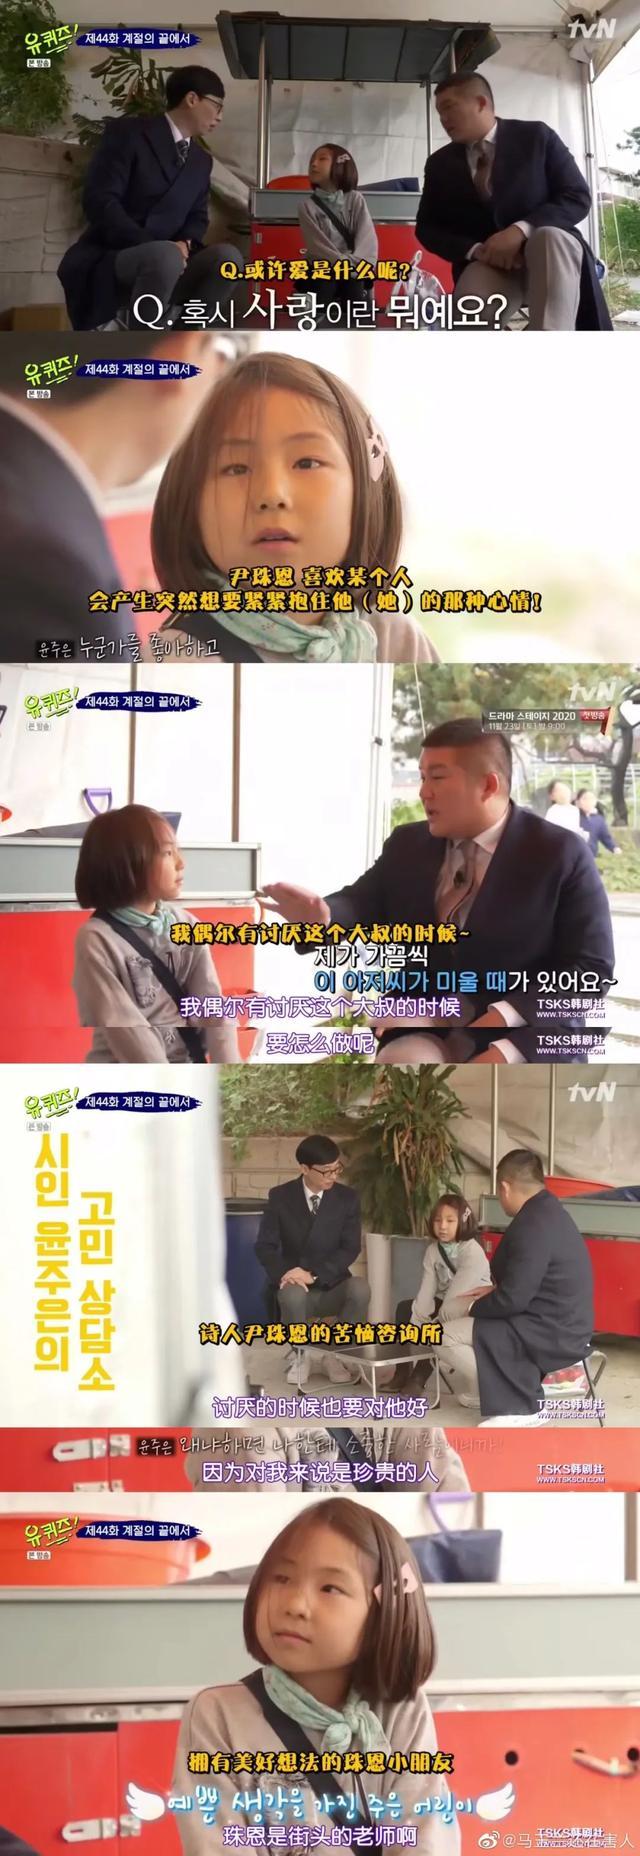 为什么韩国综艺可以做得这么好,让人哭也让人笑